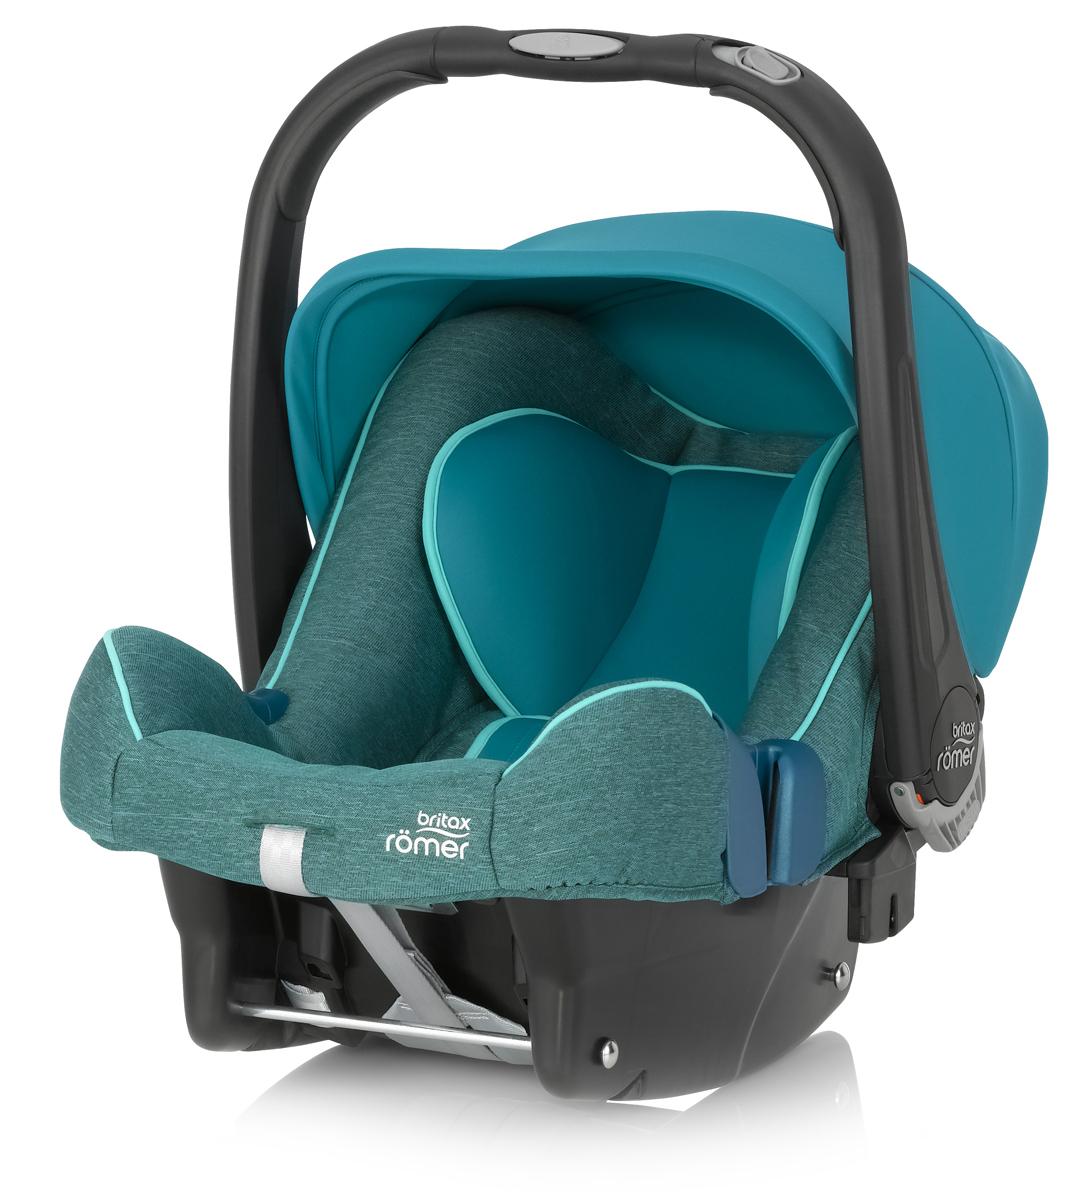 Romer Автокресло Baby-Safe Plus SHR II Green Marble до 13 кгVCA-00Автокресло Romer Baby-Safe Plus SHR II группы 0+ предназначено для детей весом до 13 кг (от рождения до года). Мягкая, уютная обивка кресла из энергопоглощающих материалов, глубокие боковины, и дополнительная вставка для новорожденных создают уютное и безопасное место для ребенка с самого рождения. Пятиточечные ремни безопасности с централизованной системой натяжения и мягкими, энергопоглощающими плечевыми накладками, регулируются по высоте с помощью подголовника и надежно удерживают ребенка внутри автокресла. Встроенная система автоматического выравнивания действует при регулировке подголовника. Чем выше подголовник - тем просторней становится автокресло. Внутренние ремни безопасности также поднимаются автоматически, избавляя от ошибок самостоятельной регулировки. Travel System - система путешествий для активных родителей! Для приятной прогулки нужно поставить автокресло на раму коляски, обладающей механизмом CLICK & GO и мобильная коляска готова. Отсоединить автокресло от рамы можно одной рукой - для этого предусмотрена кнопка на ручке автокресла. Максимального комфорта в использовании и безопасности можно достичь, установив автокресло на ременную базу или на базу Isofix. Особенности:Пятиточечные ремни безопасности регулируются одной рукой.Подголовник регулируется вместе с ремнями безопасности по мере роста ребенка.Углубленная боковая защита с мягкими обеспечивает оптимальную боковую защиту.Солнцезащитный козырек для защиты нежной кожи ребенка.Многофункциональная ручка для переноски.Встроенные адаптеры CLICK & GO для создания системы путешествий.Съемный чехол не требует демонтажа внутренних ремней. Автокресло совместимо с колясками Britax и HARTAN. Мягкая обивка ручки для более удобной переноски кресла. Чехол для защиты от солнца и ветра с защитой от УФ-излучения 50+.